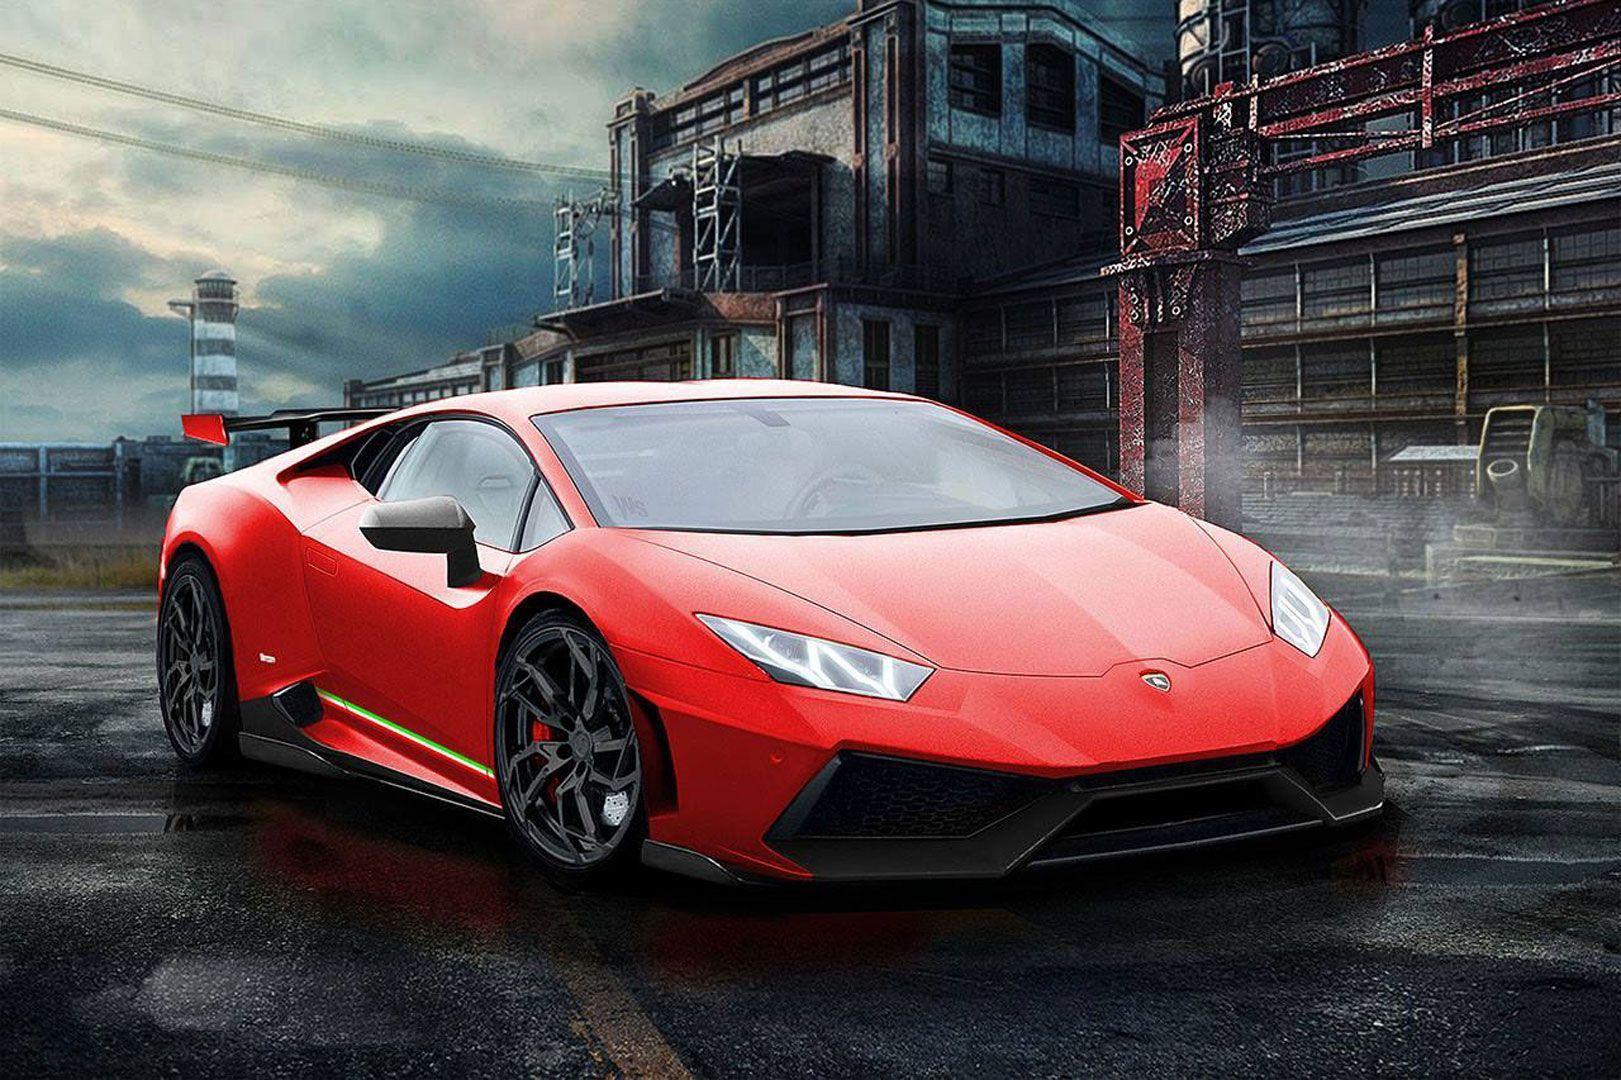 hd wallpapers 1080p 2015 wallpaper cave - Lamborghini Huracan Hd Wallpapers 1080p